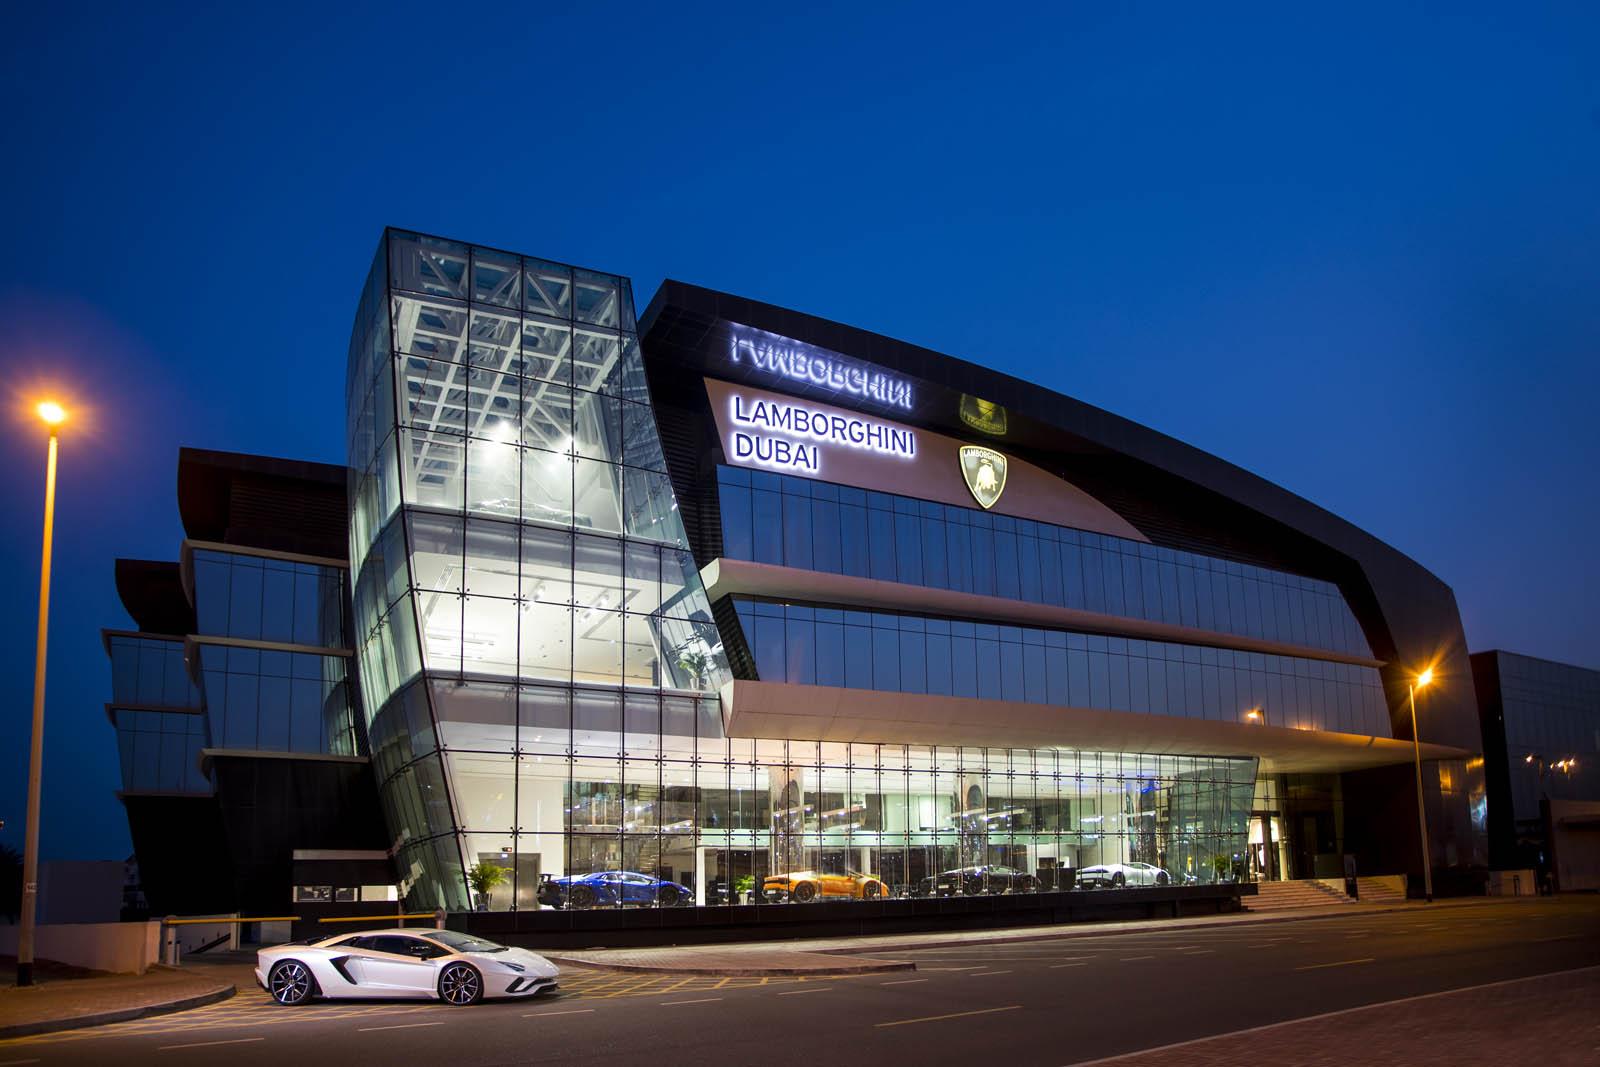 Lamborghini-Dubai-2.jpg